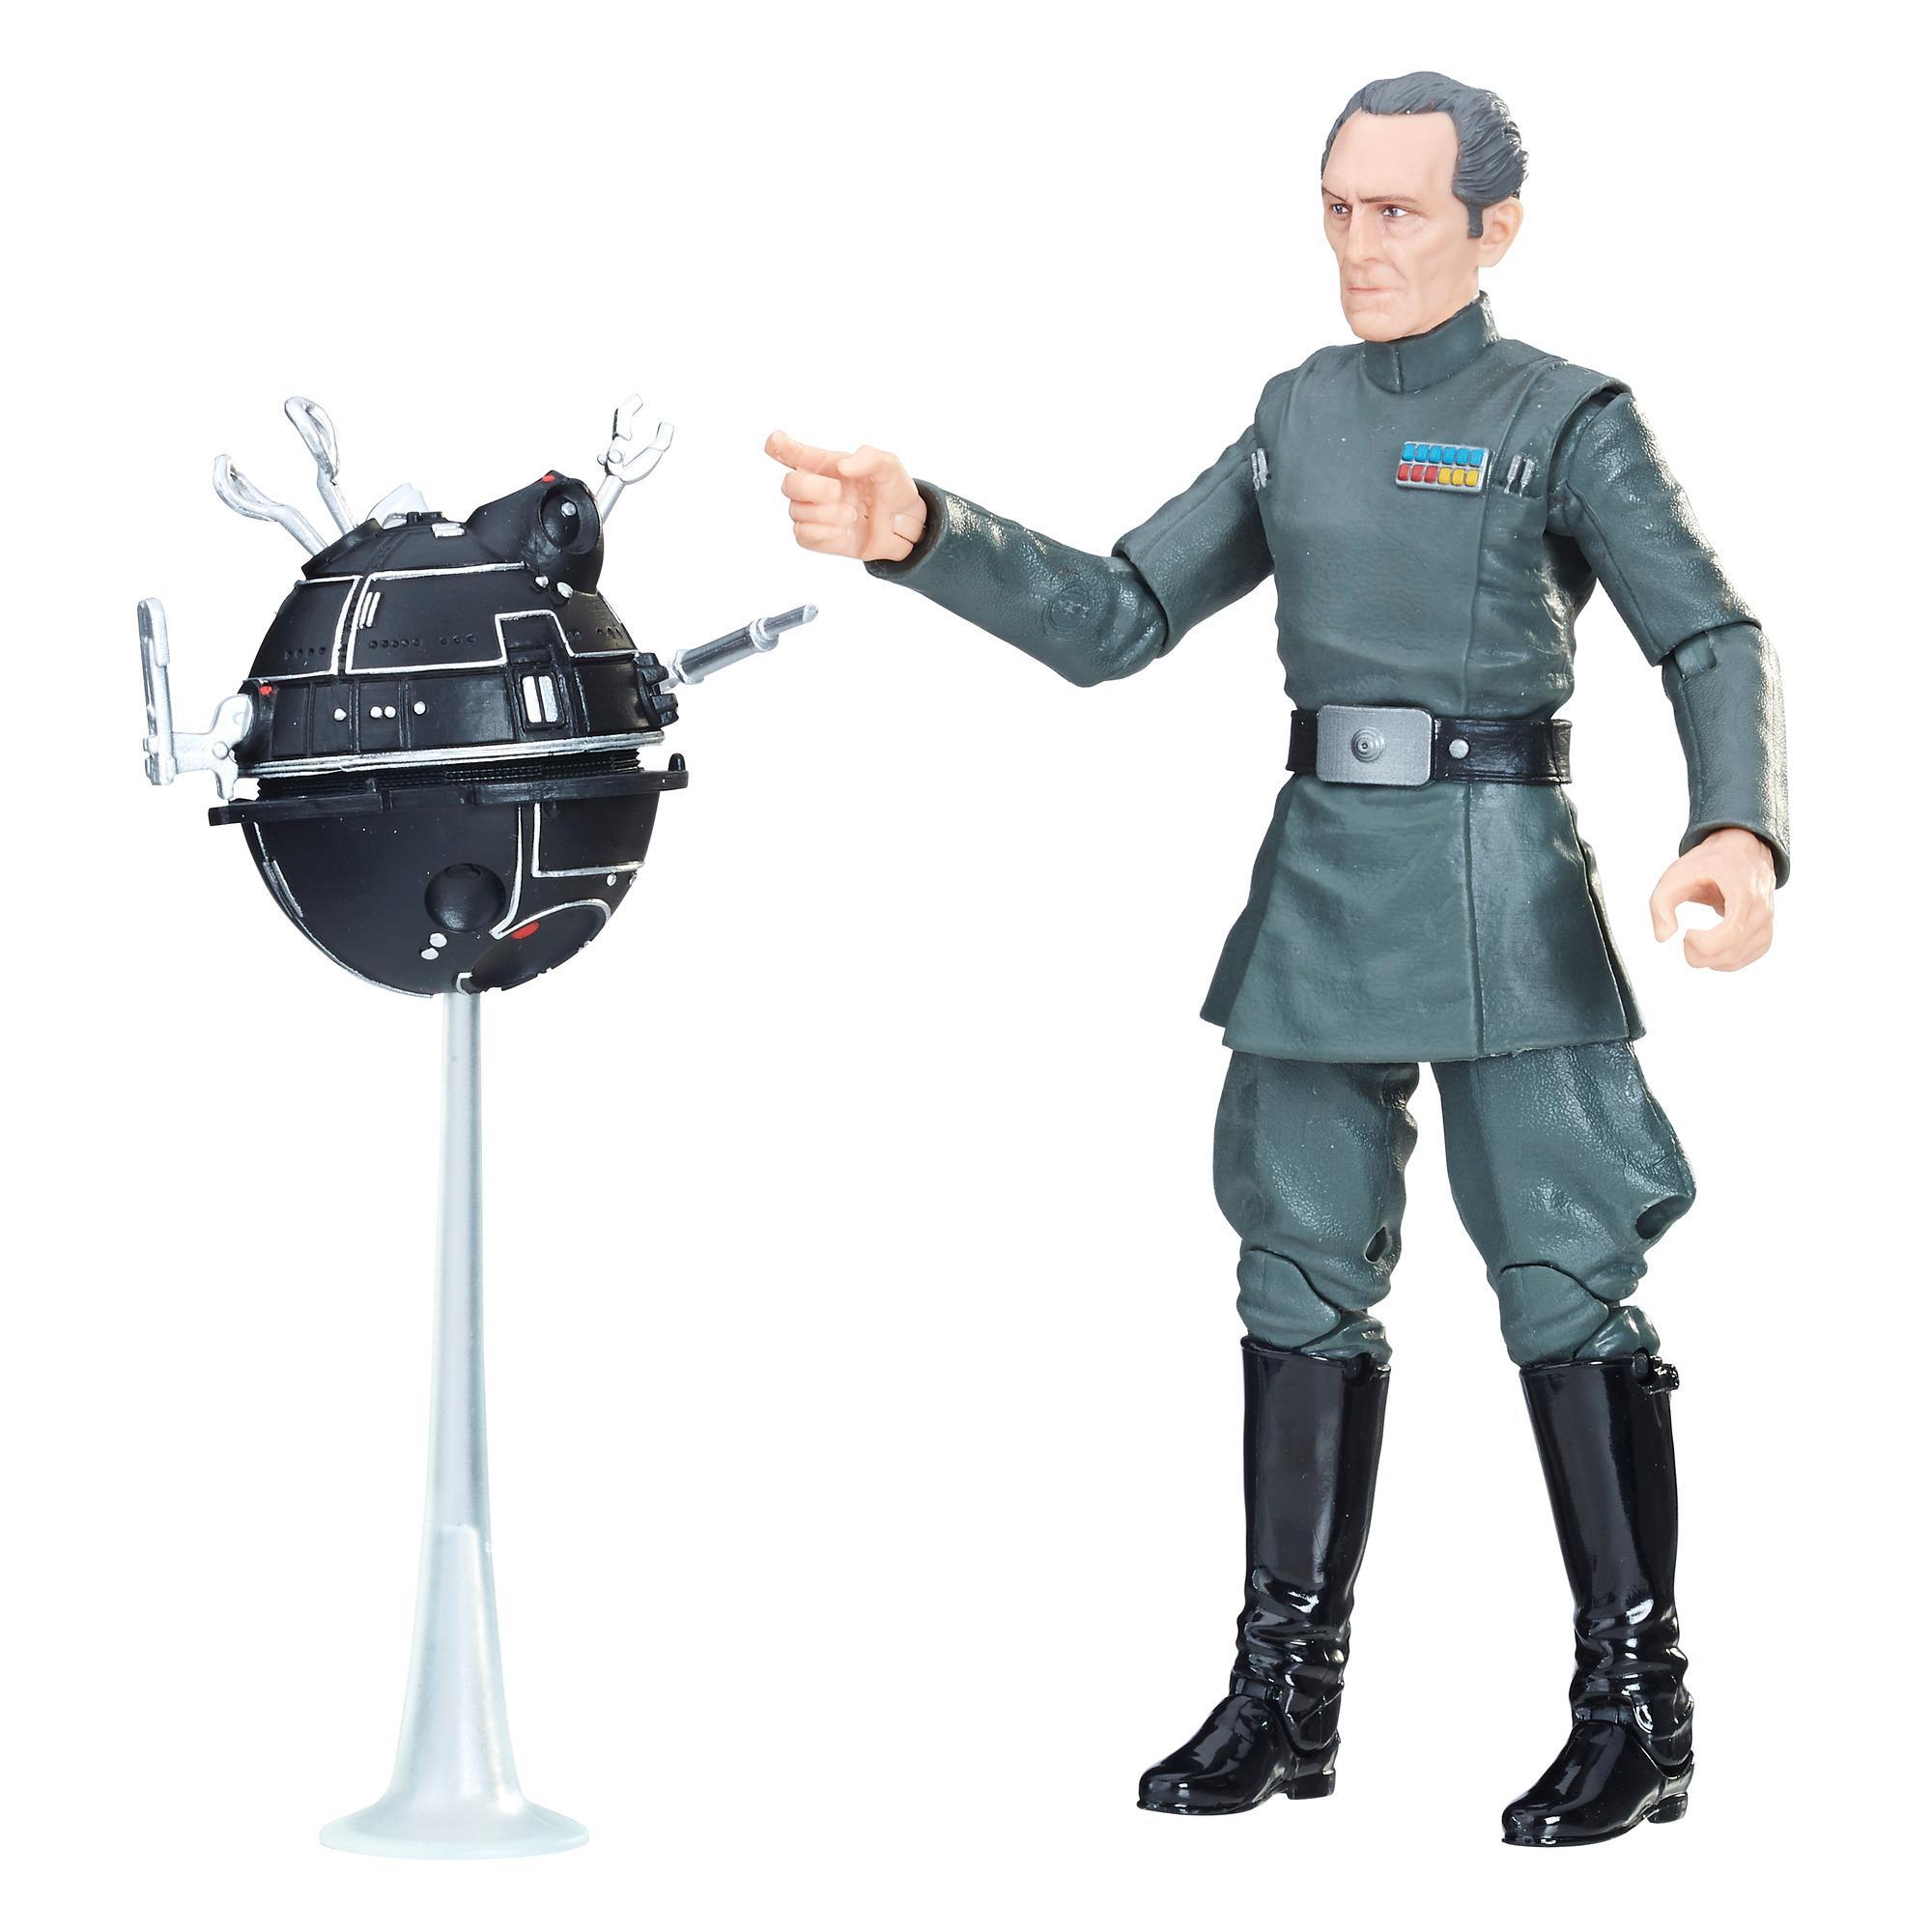 Star Wars Série noire - Figurine Grand Moff Tarkin de 15 cm